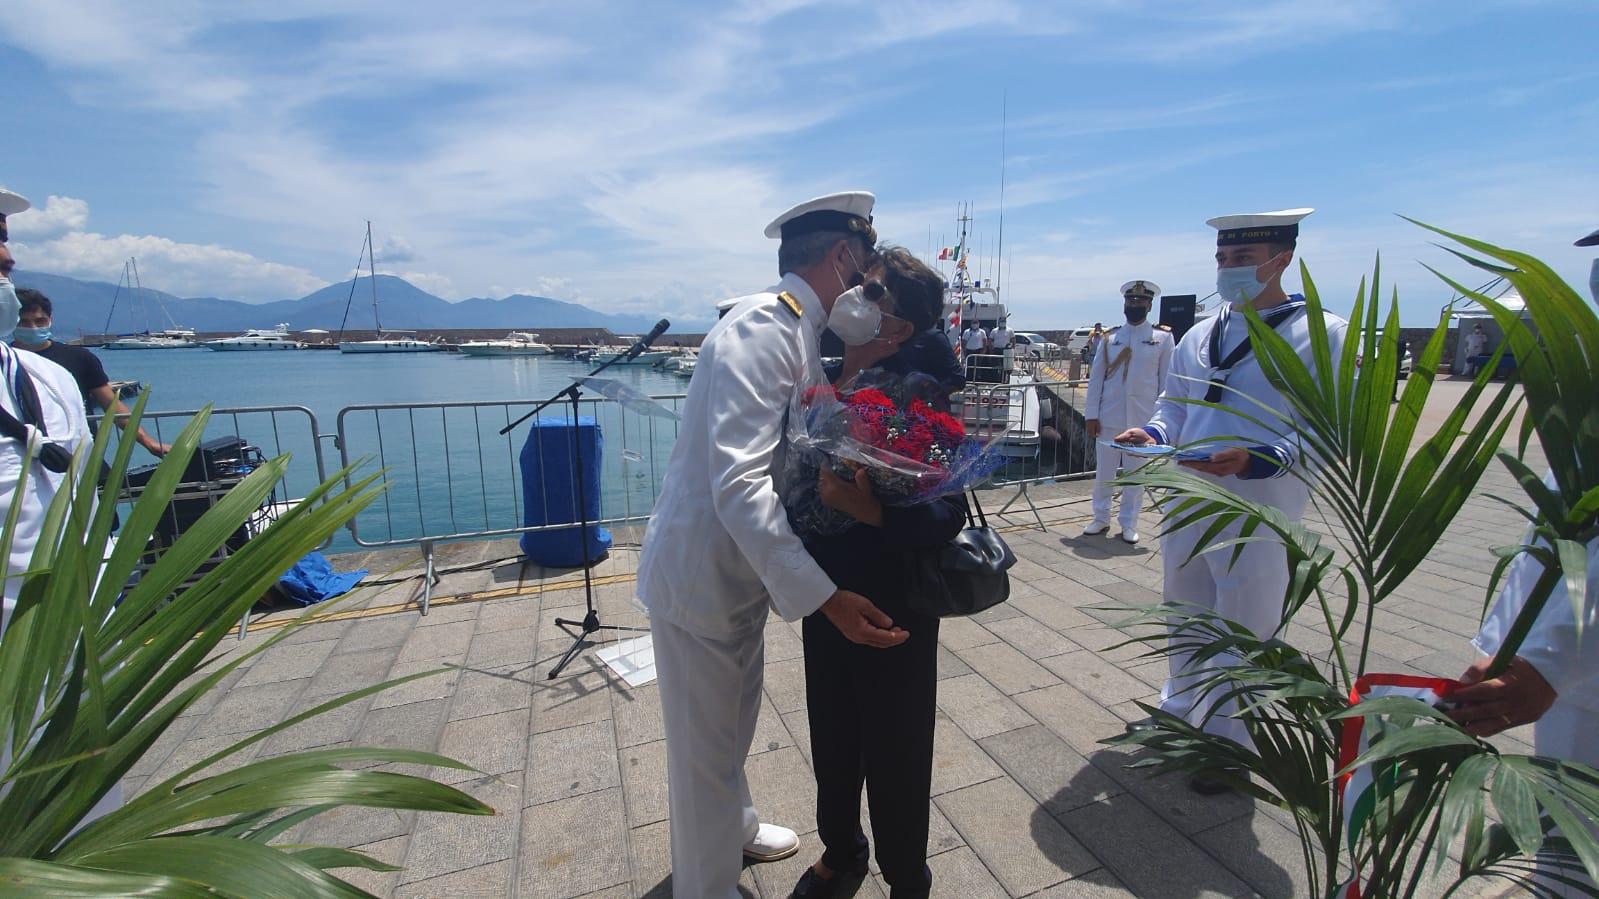 FOTO | Capitaneria di Porto, inaugurato l'Ufficio locale marittimo a Scario